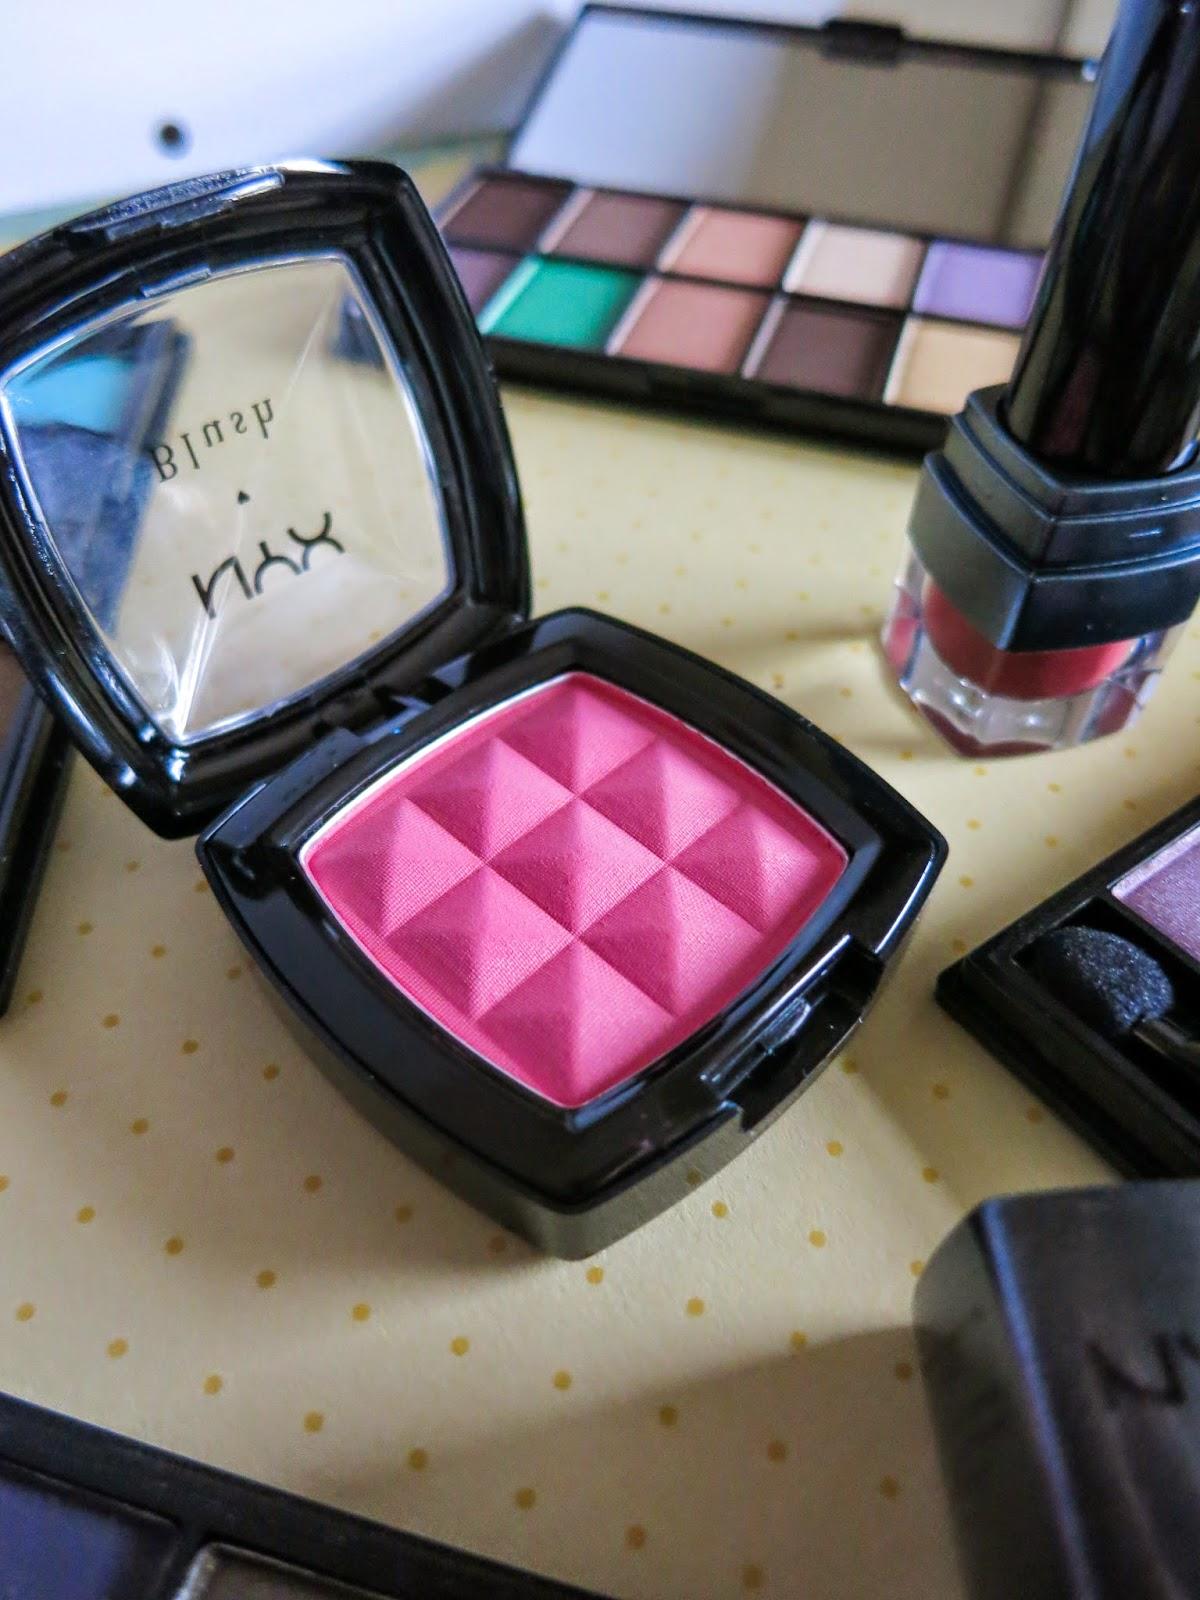 NYX powder blush in Peach